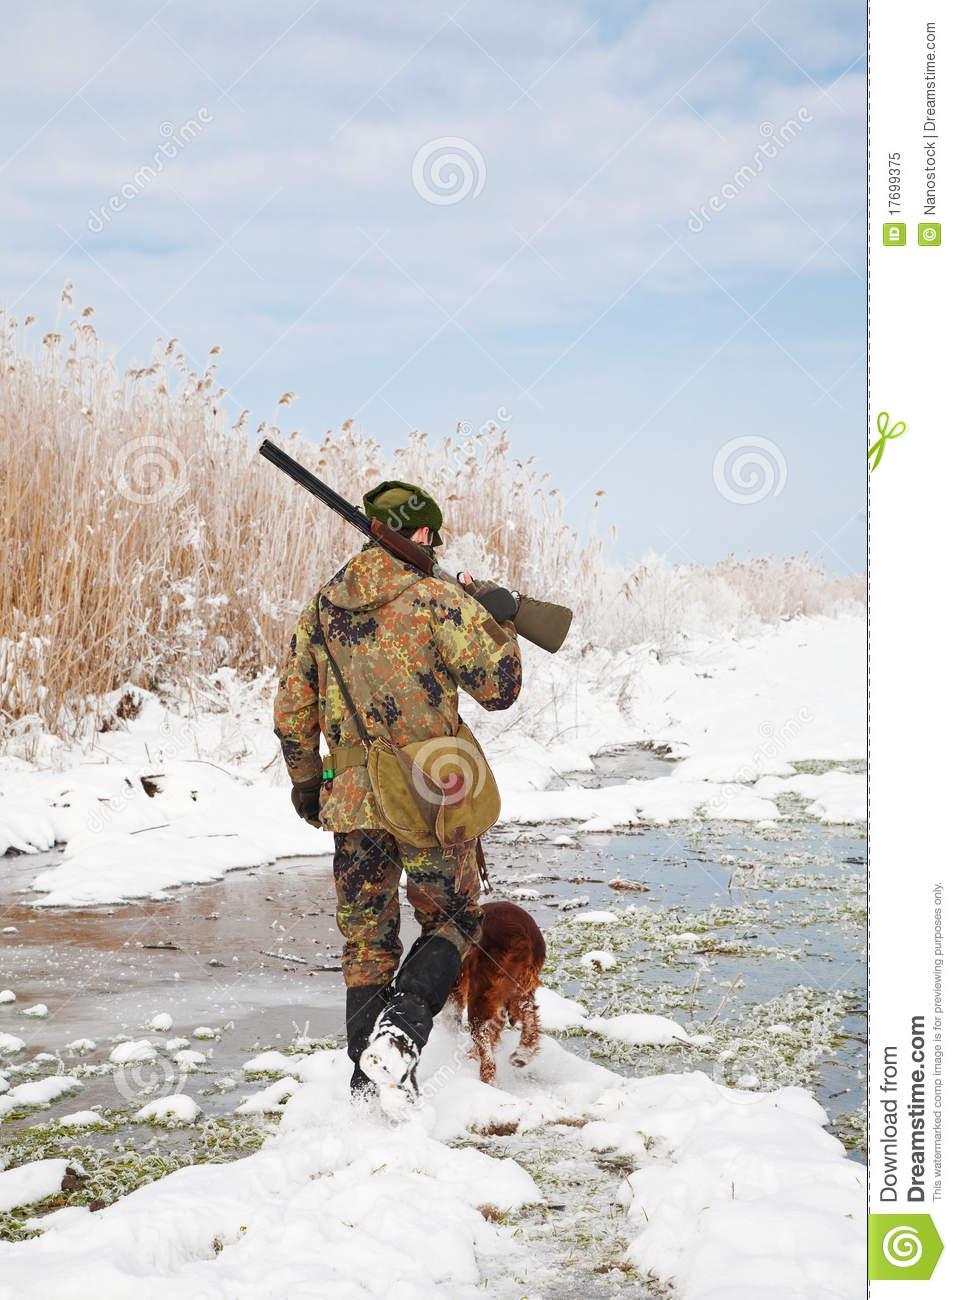 desktop fox hunting scene - photo #43